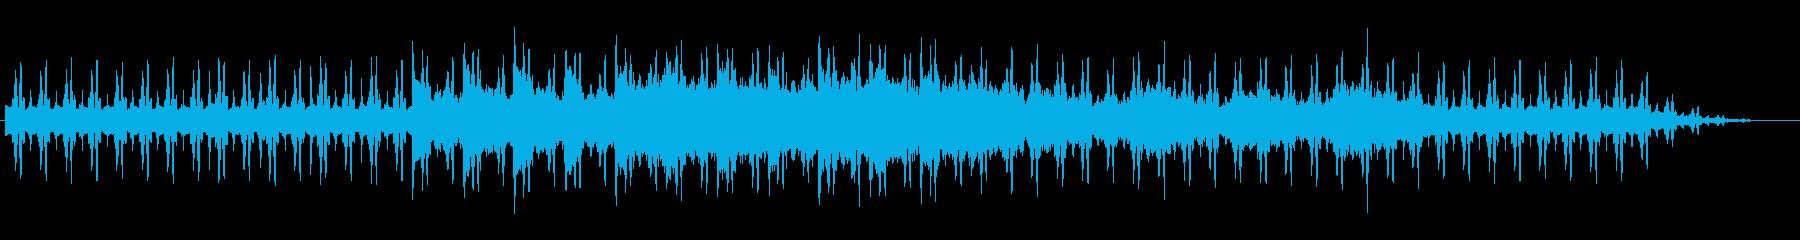 日常をリラックスできるBGMの再生済みの波形